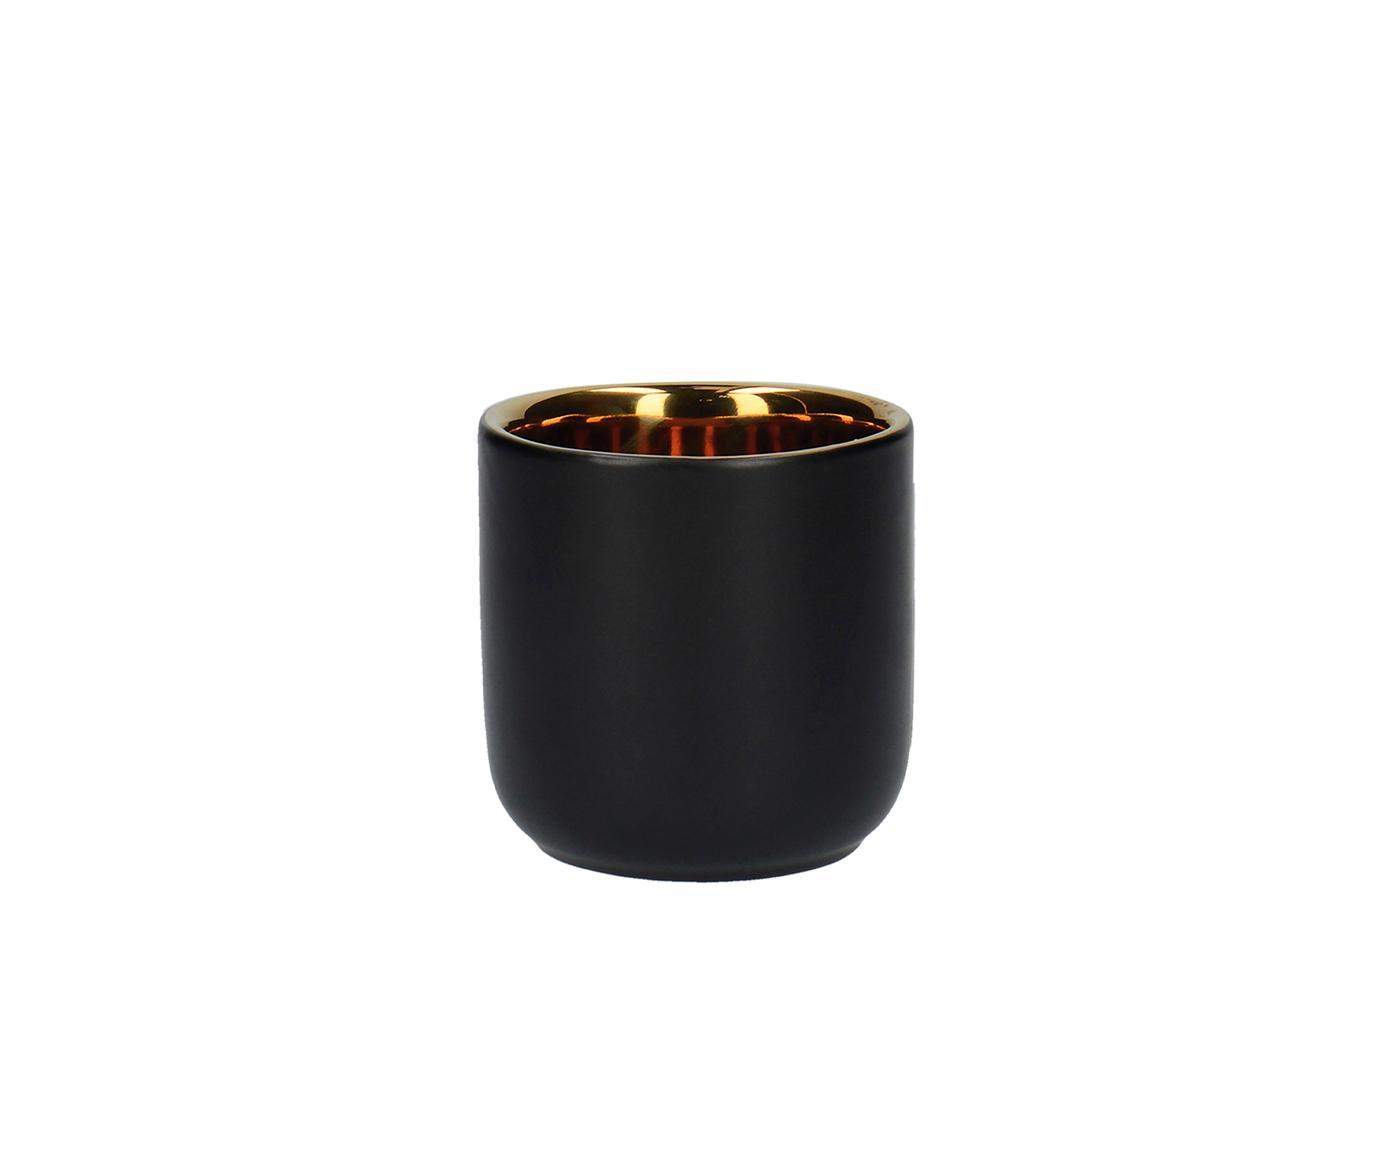 Tazza da caffè senza manico La Cafetiere 2 pz, Ceramica, terracotta, Nero, ottonato, Ø 8 x Alt. 8 cm